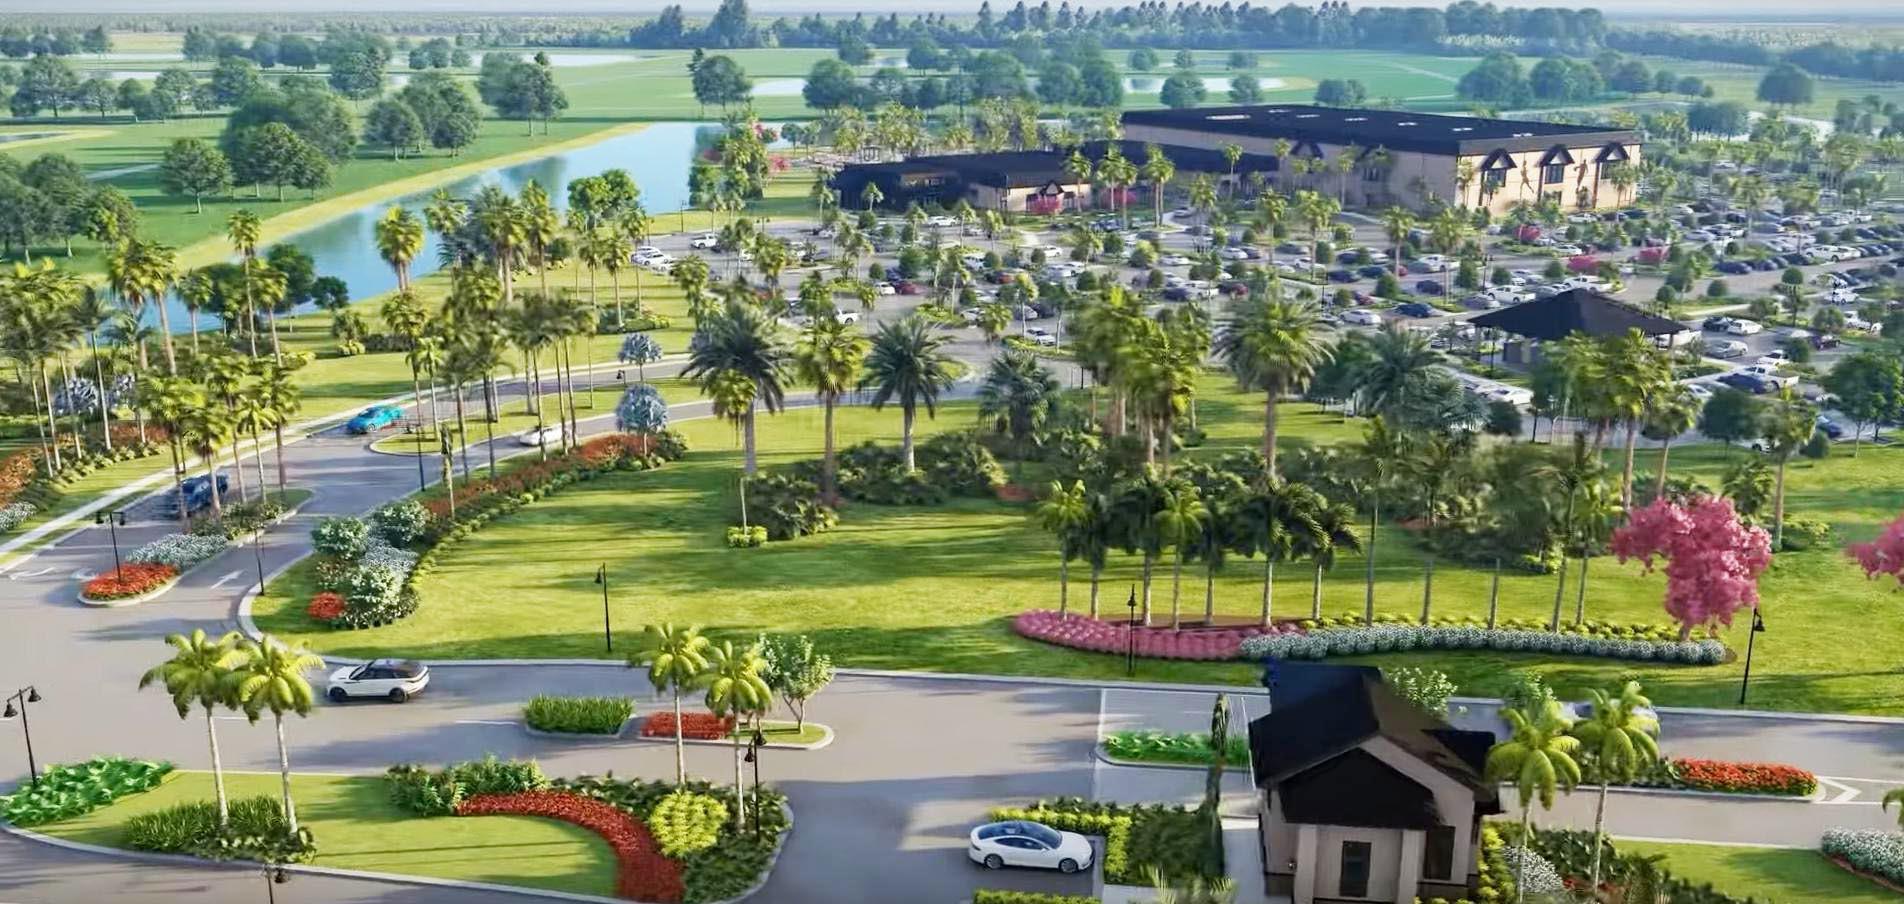 New Community of Verdana Village